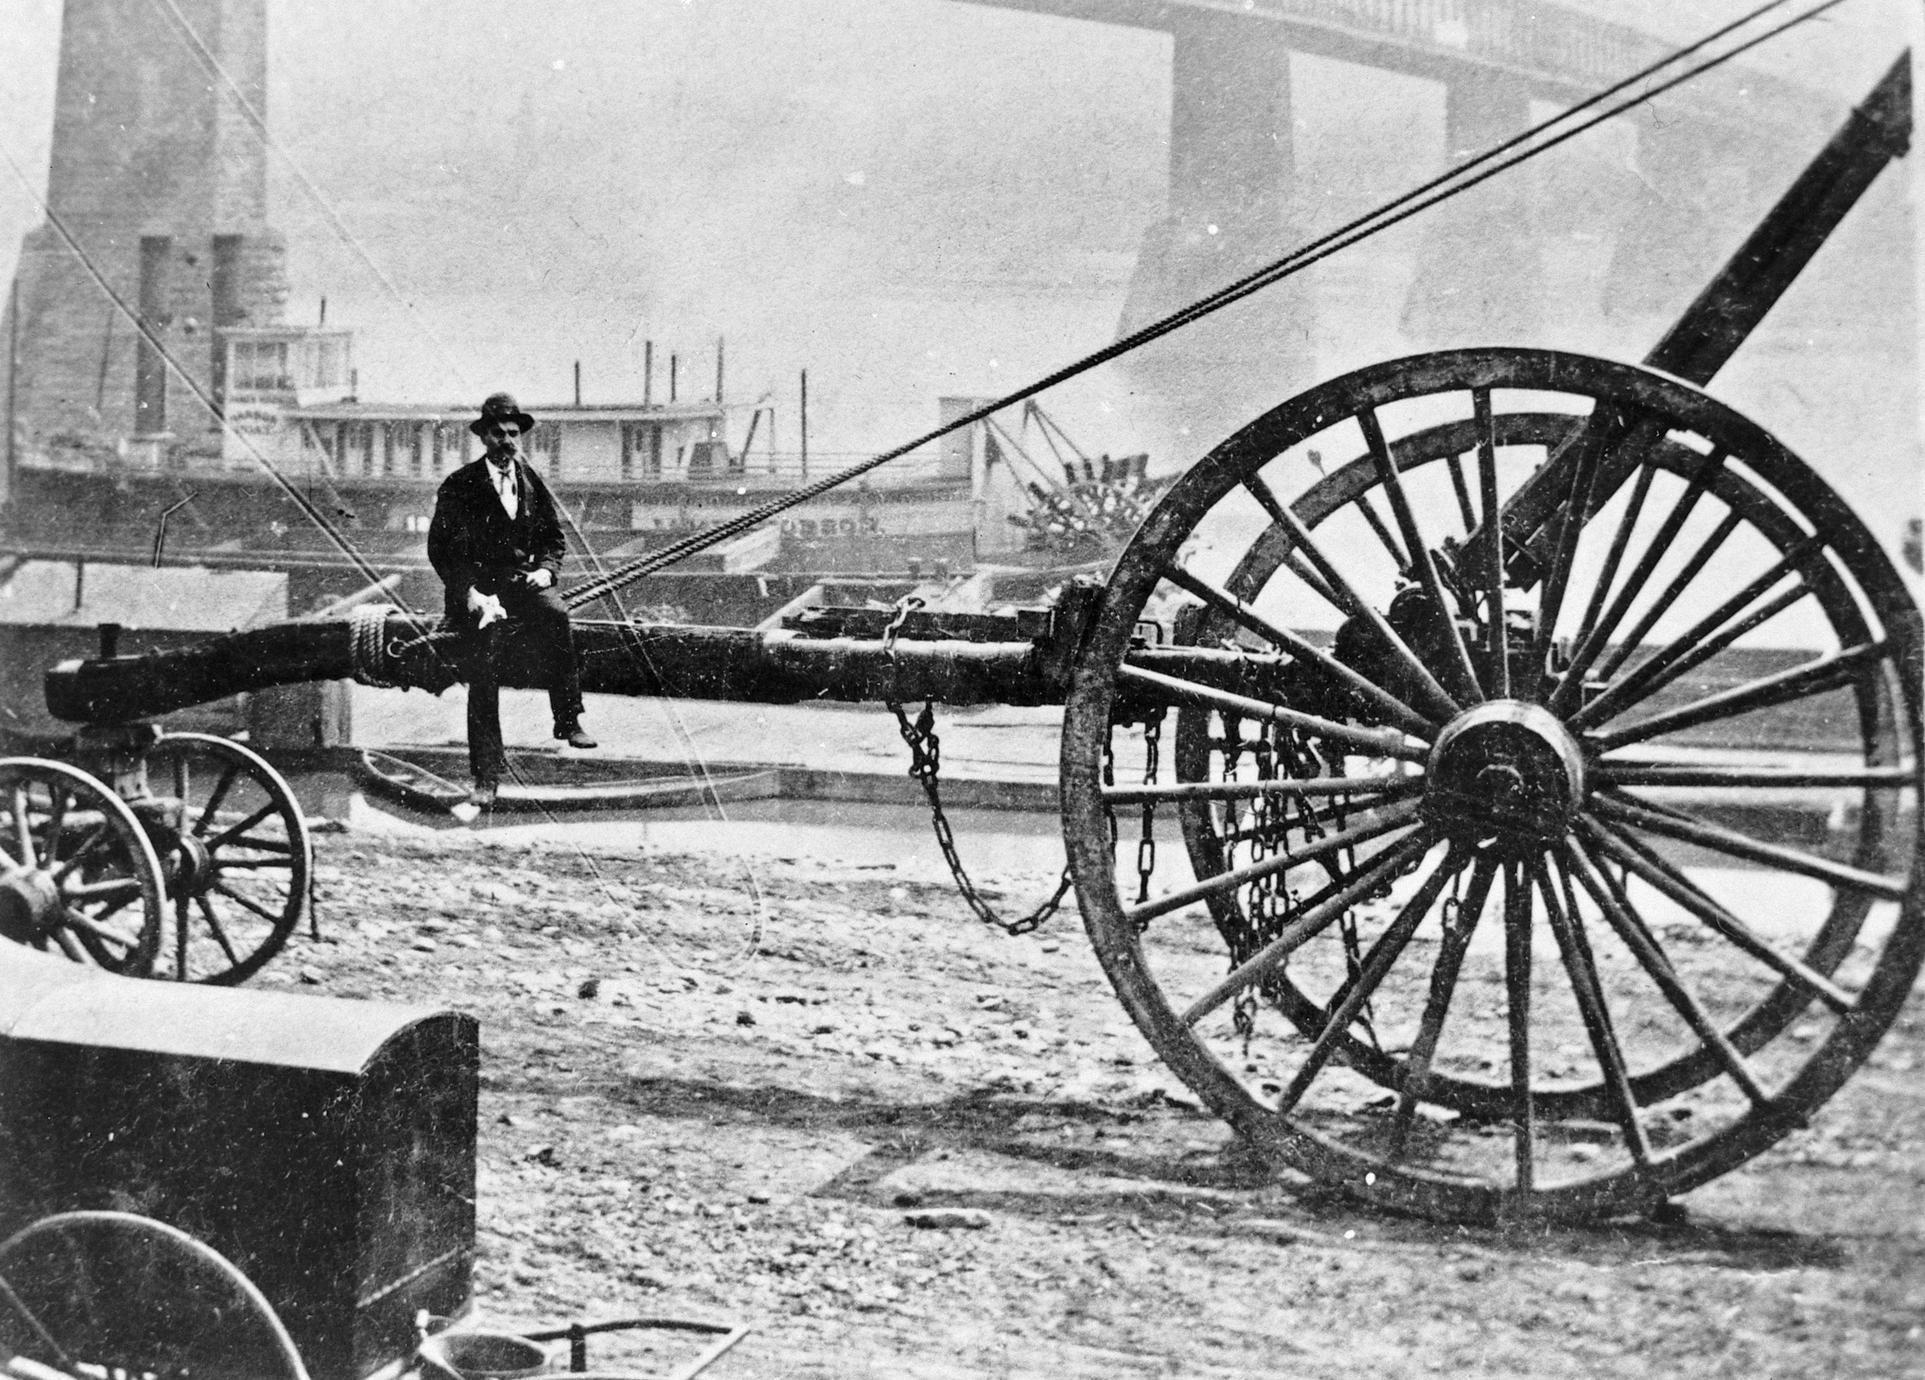 James Hobson (Towboat, 1873-1886)